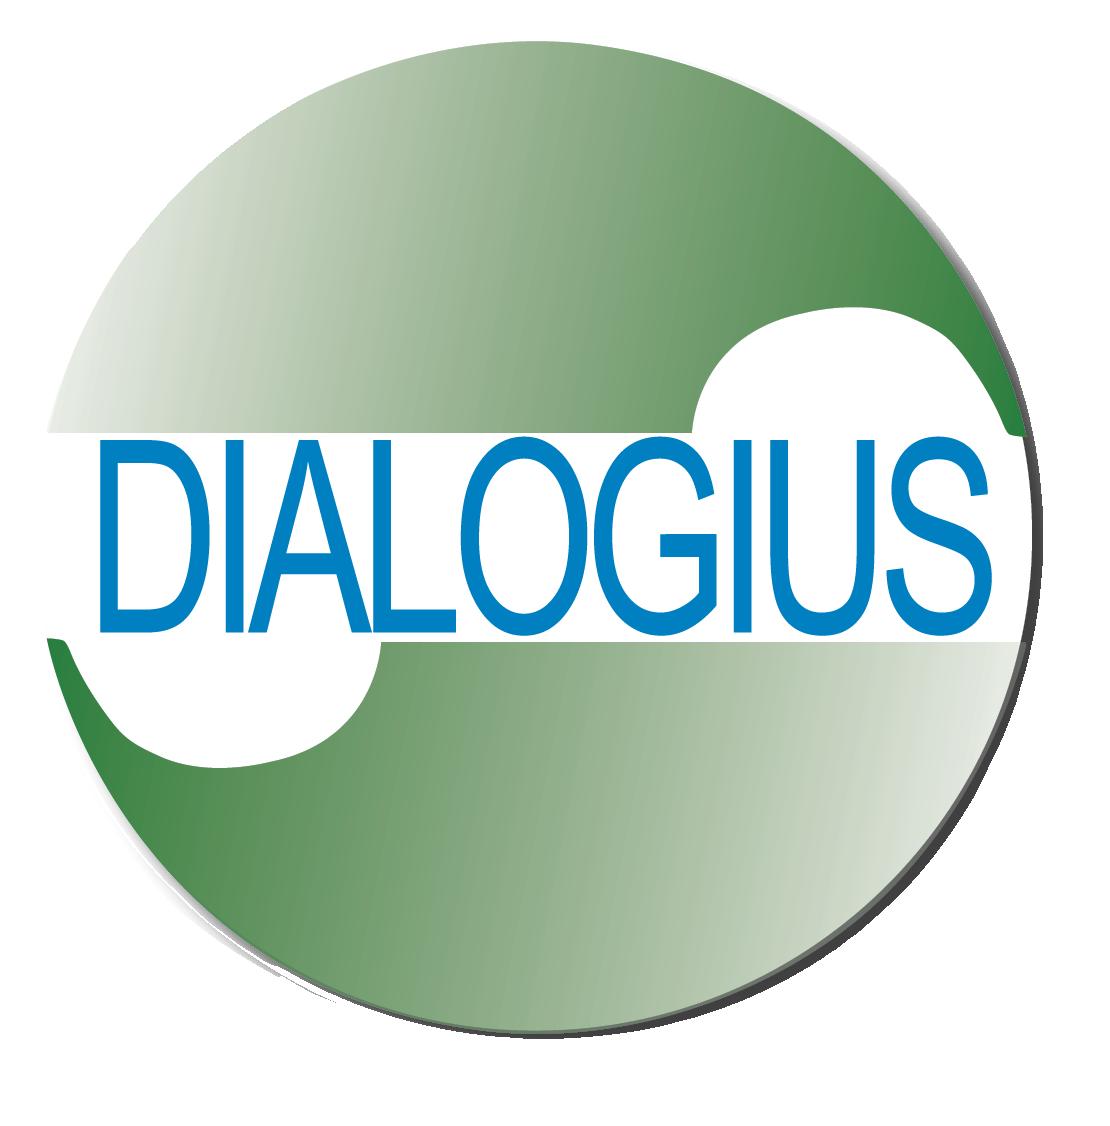 Dialogius